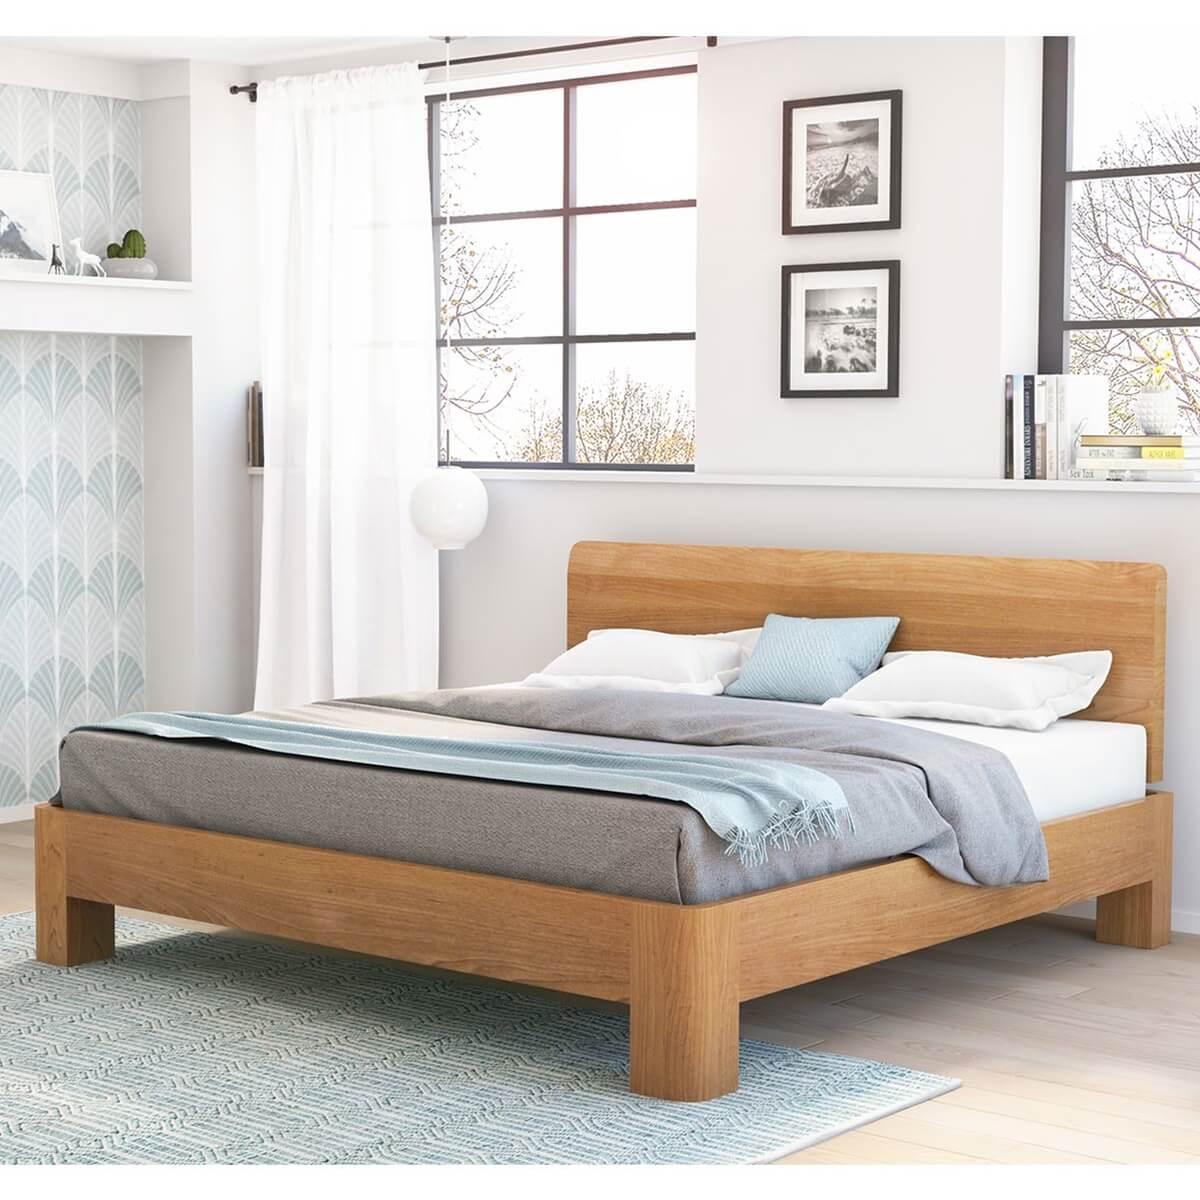 rebersburg solid teak wood platform bed